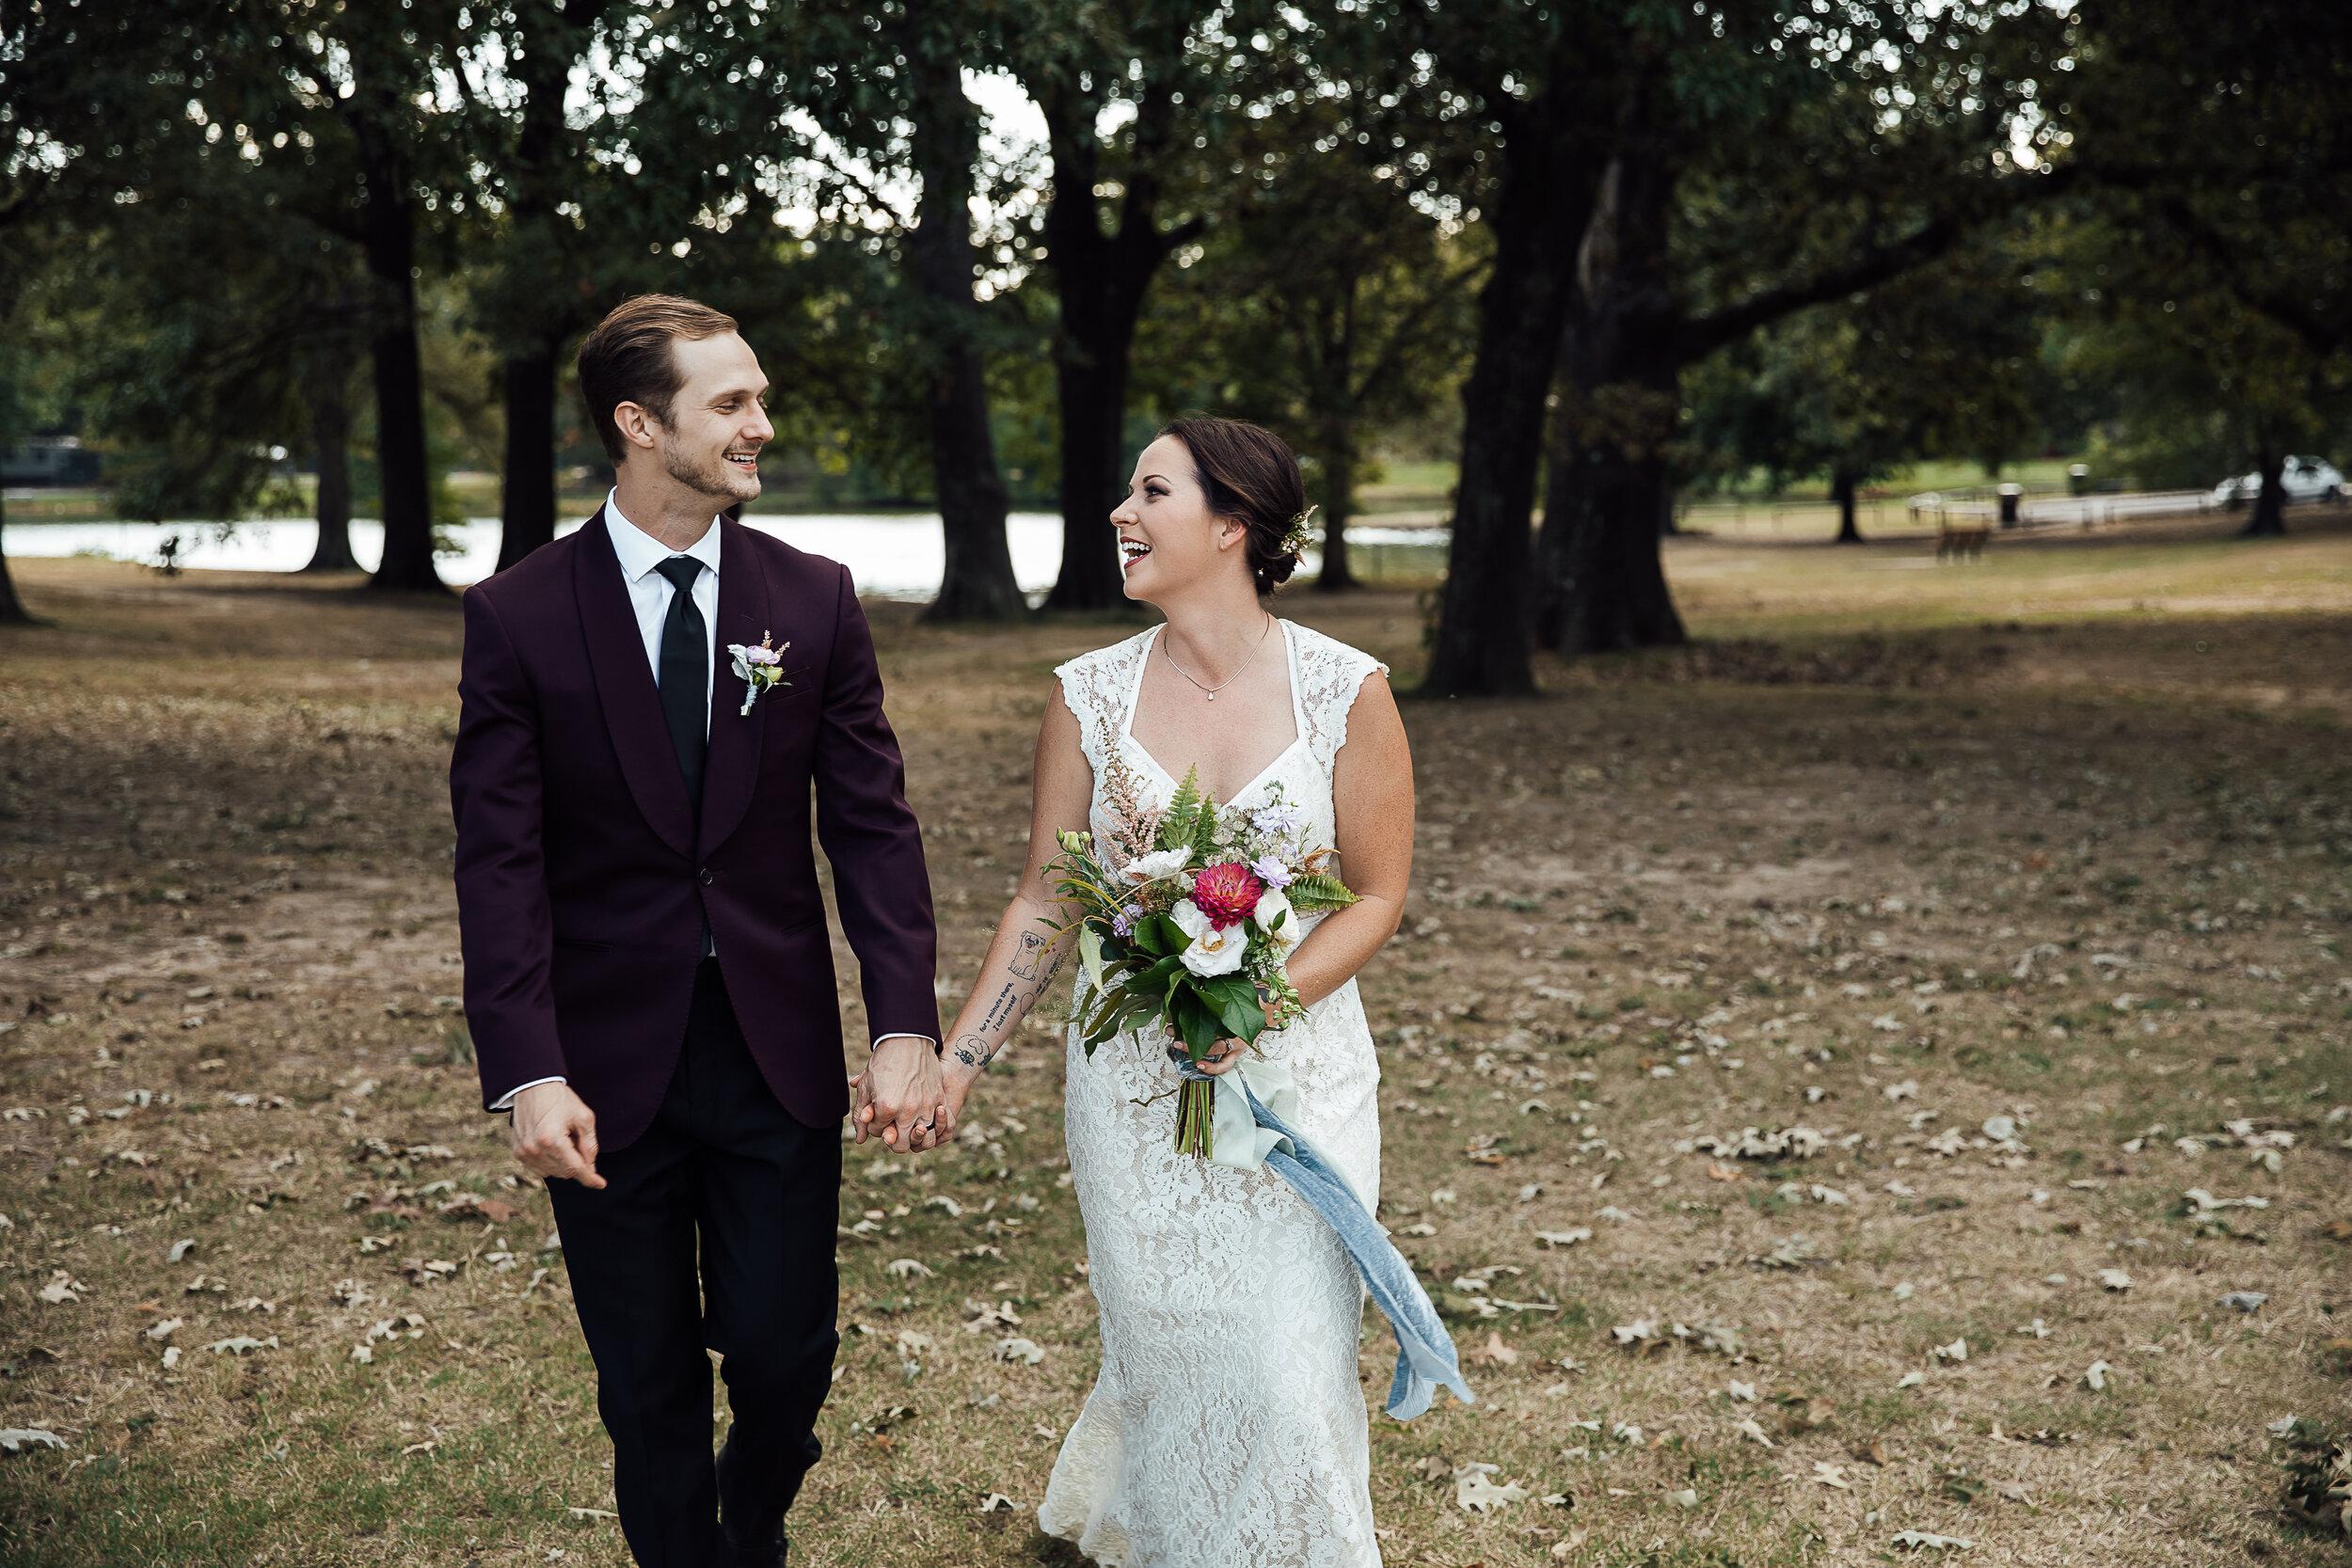 Allison-and-Wesley-Memphis-Backyard-Wedding-TheWarmthAroundYou-23.jpg